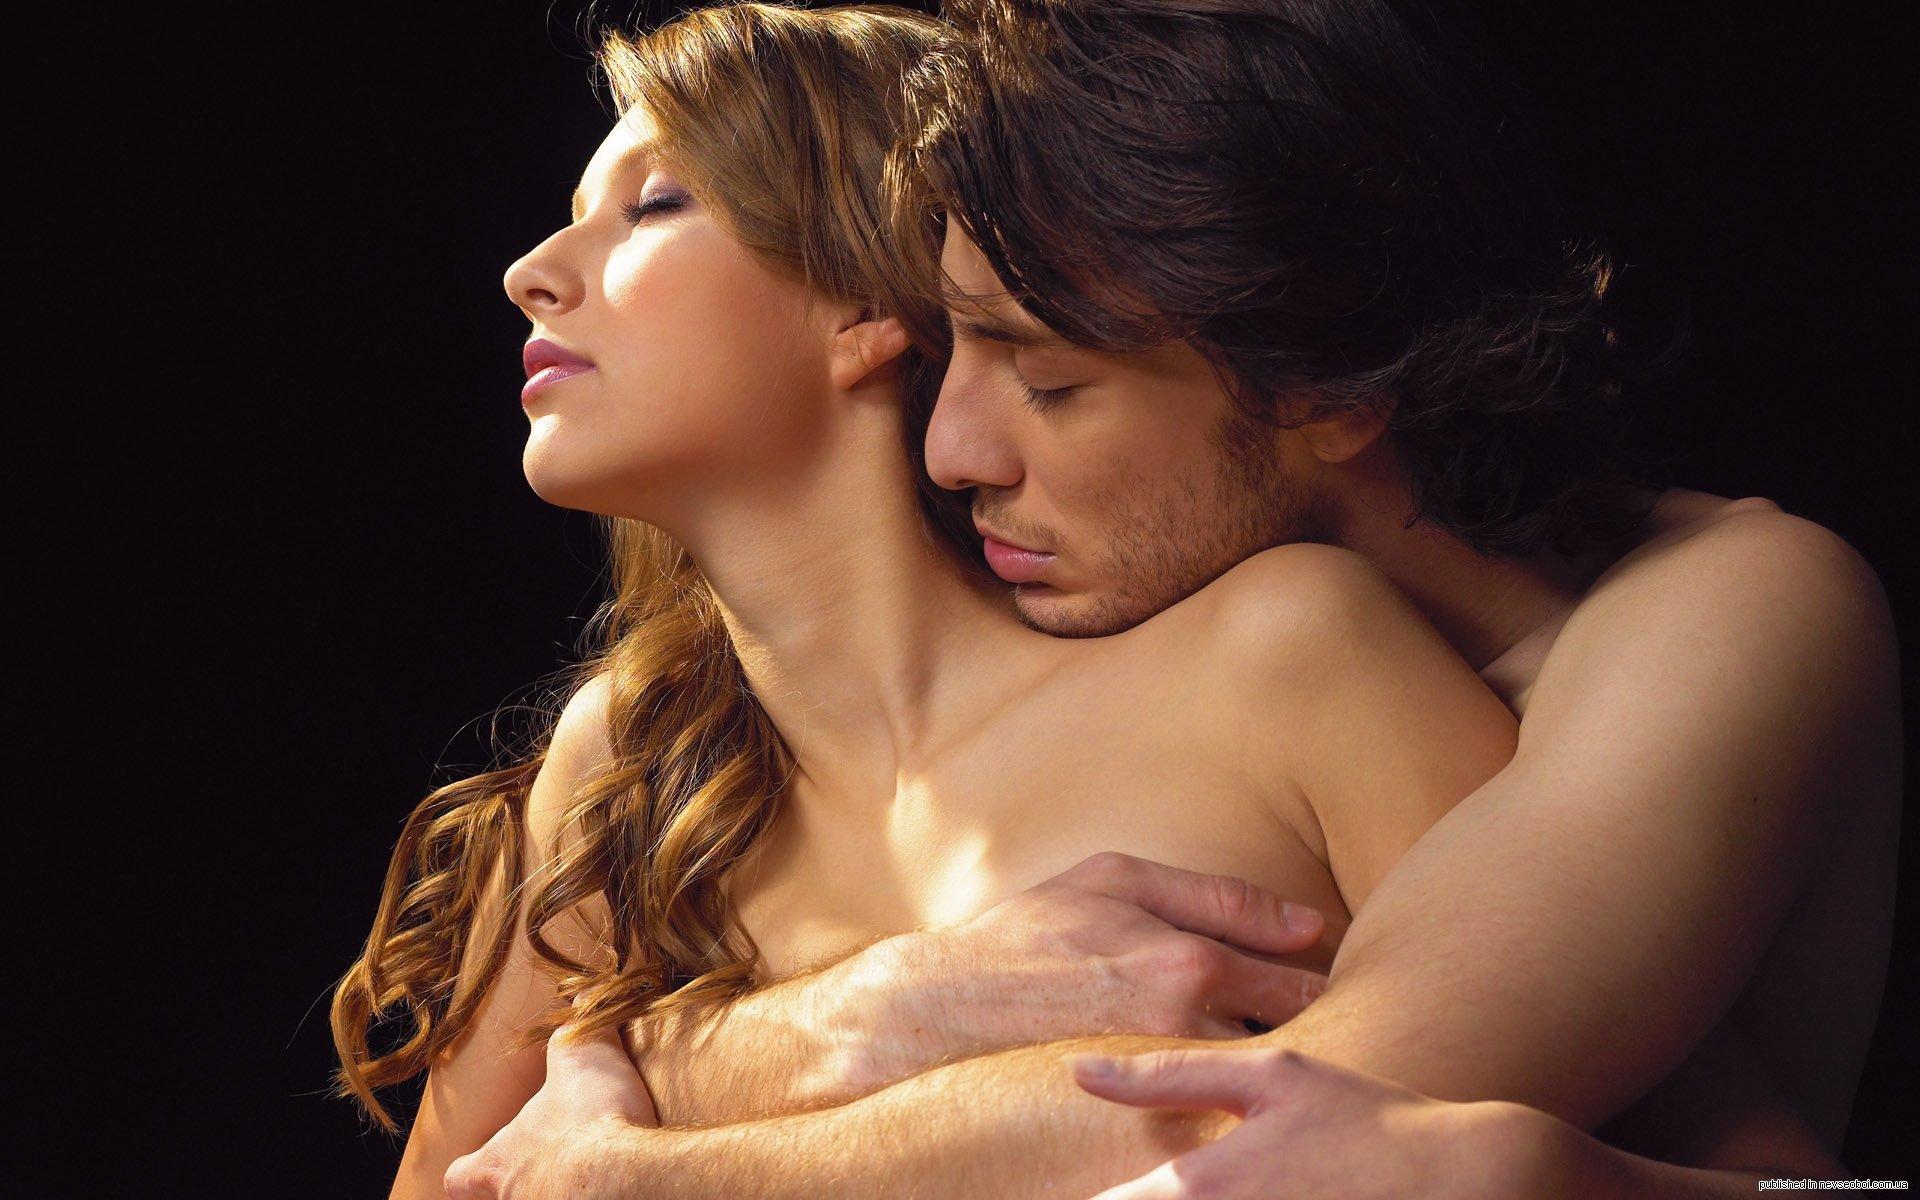 Старым, романтические картинки мужчина и женщина страсть поцелуи